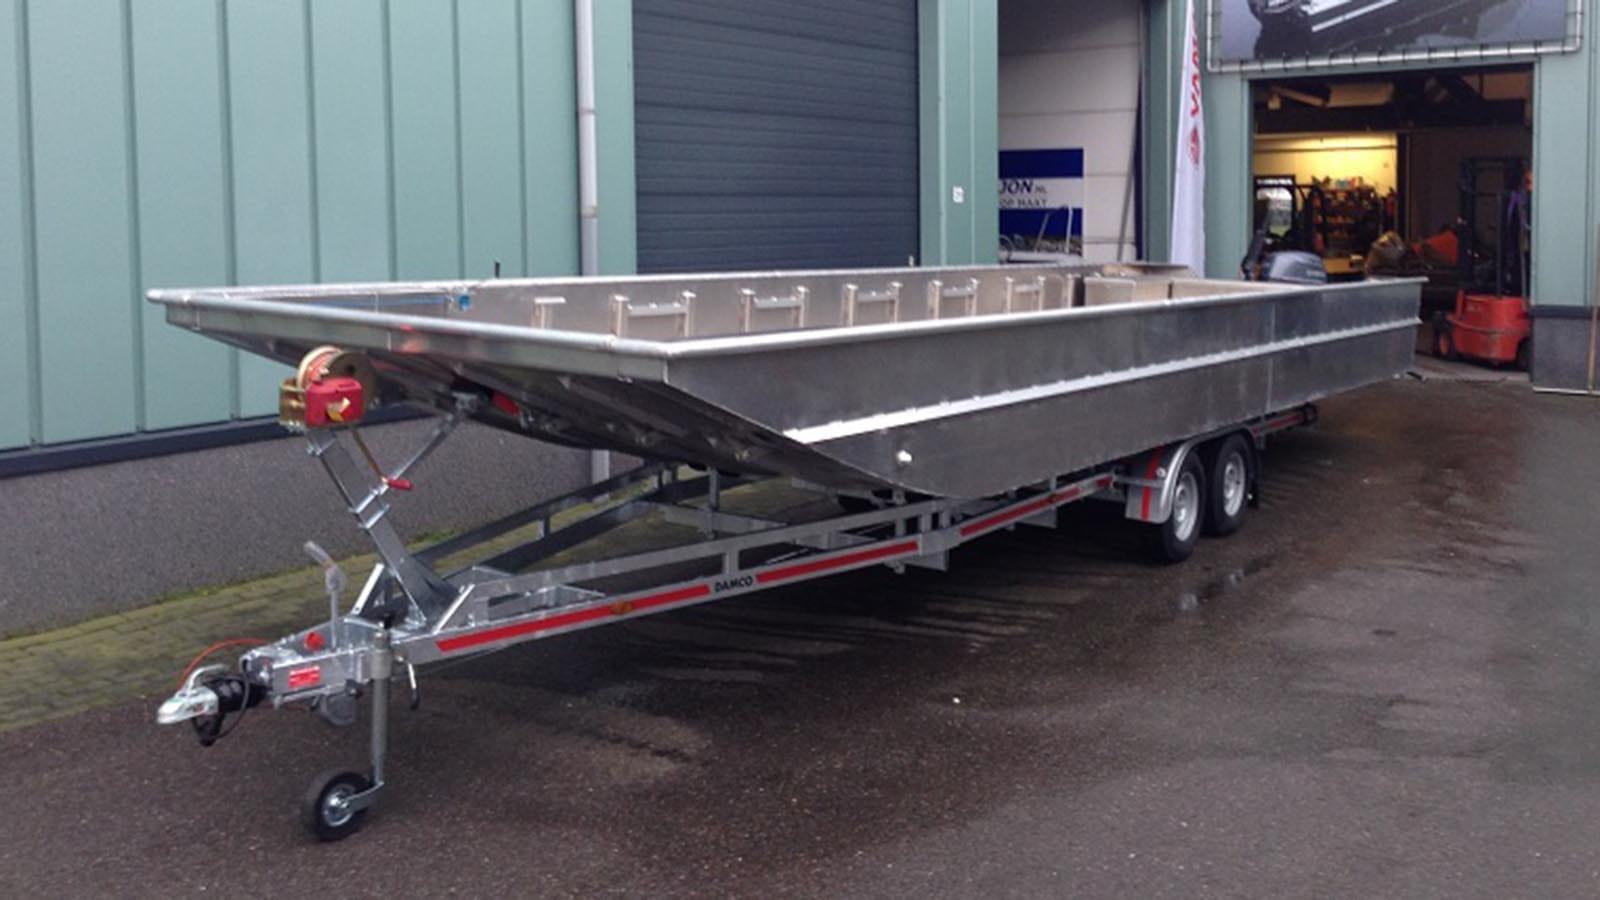 AluminiumJon.nl-Landing craft 10 meters-Standard & Heavy Duty-Aluminium Boats